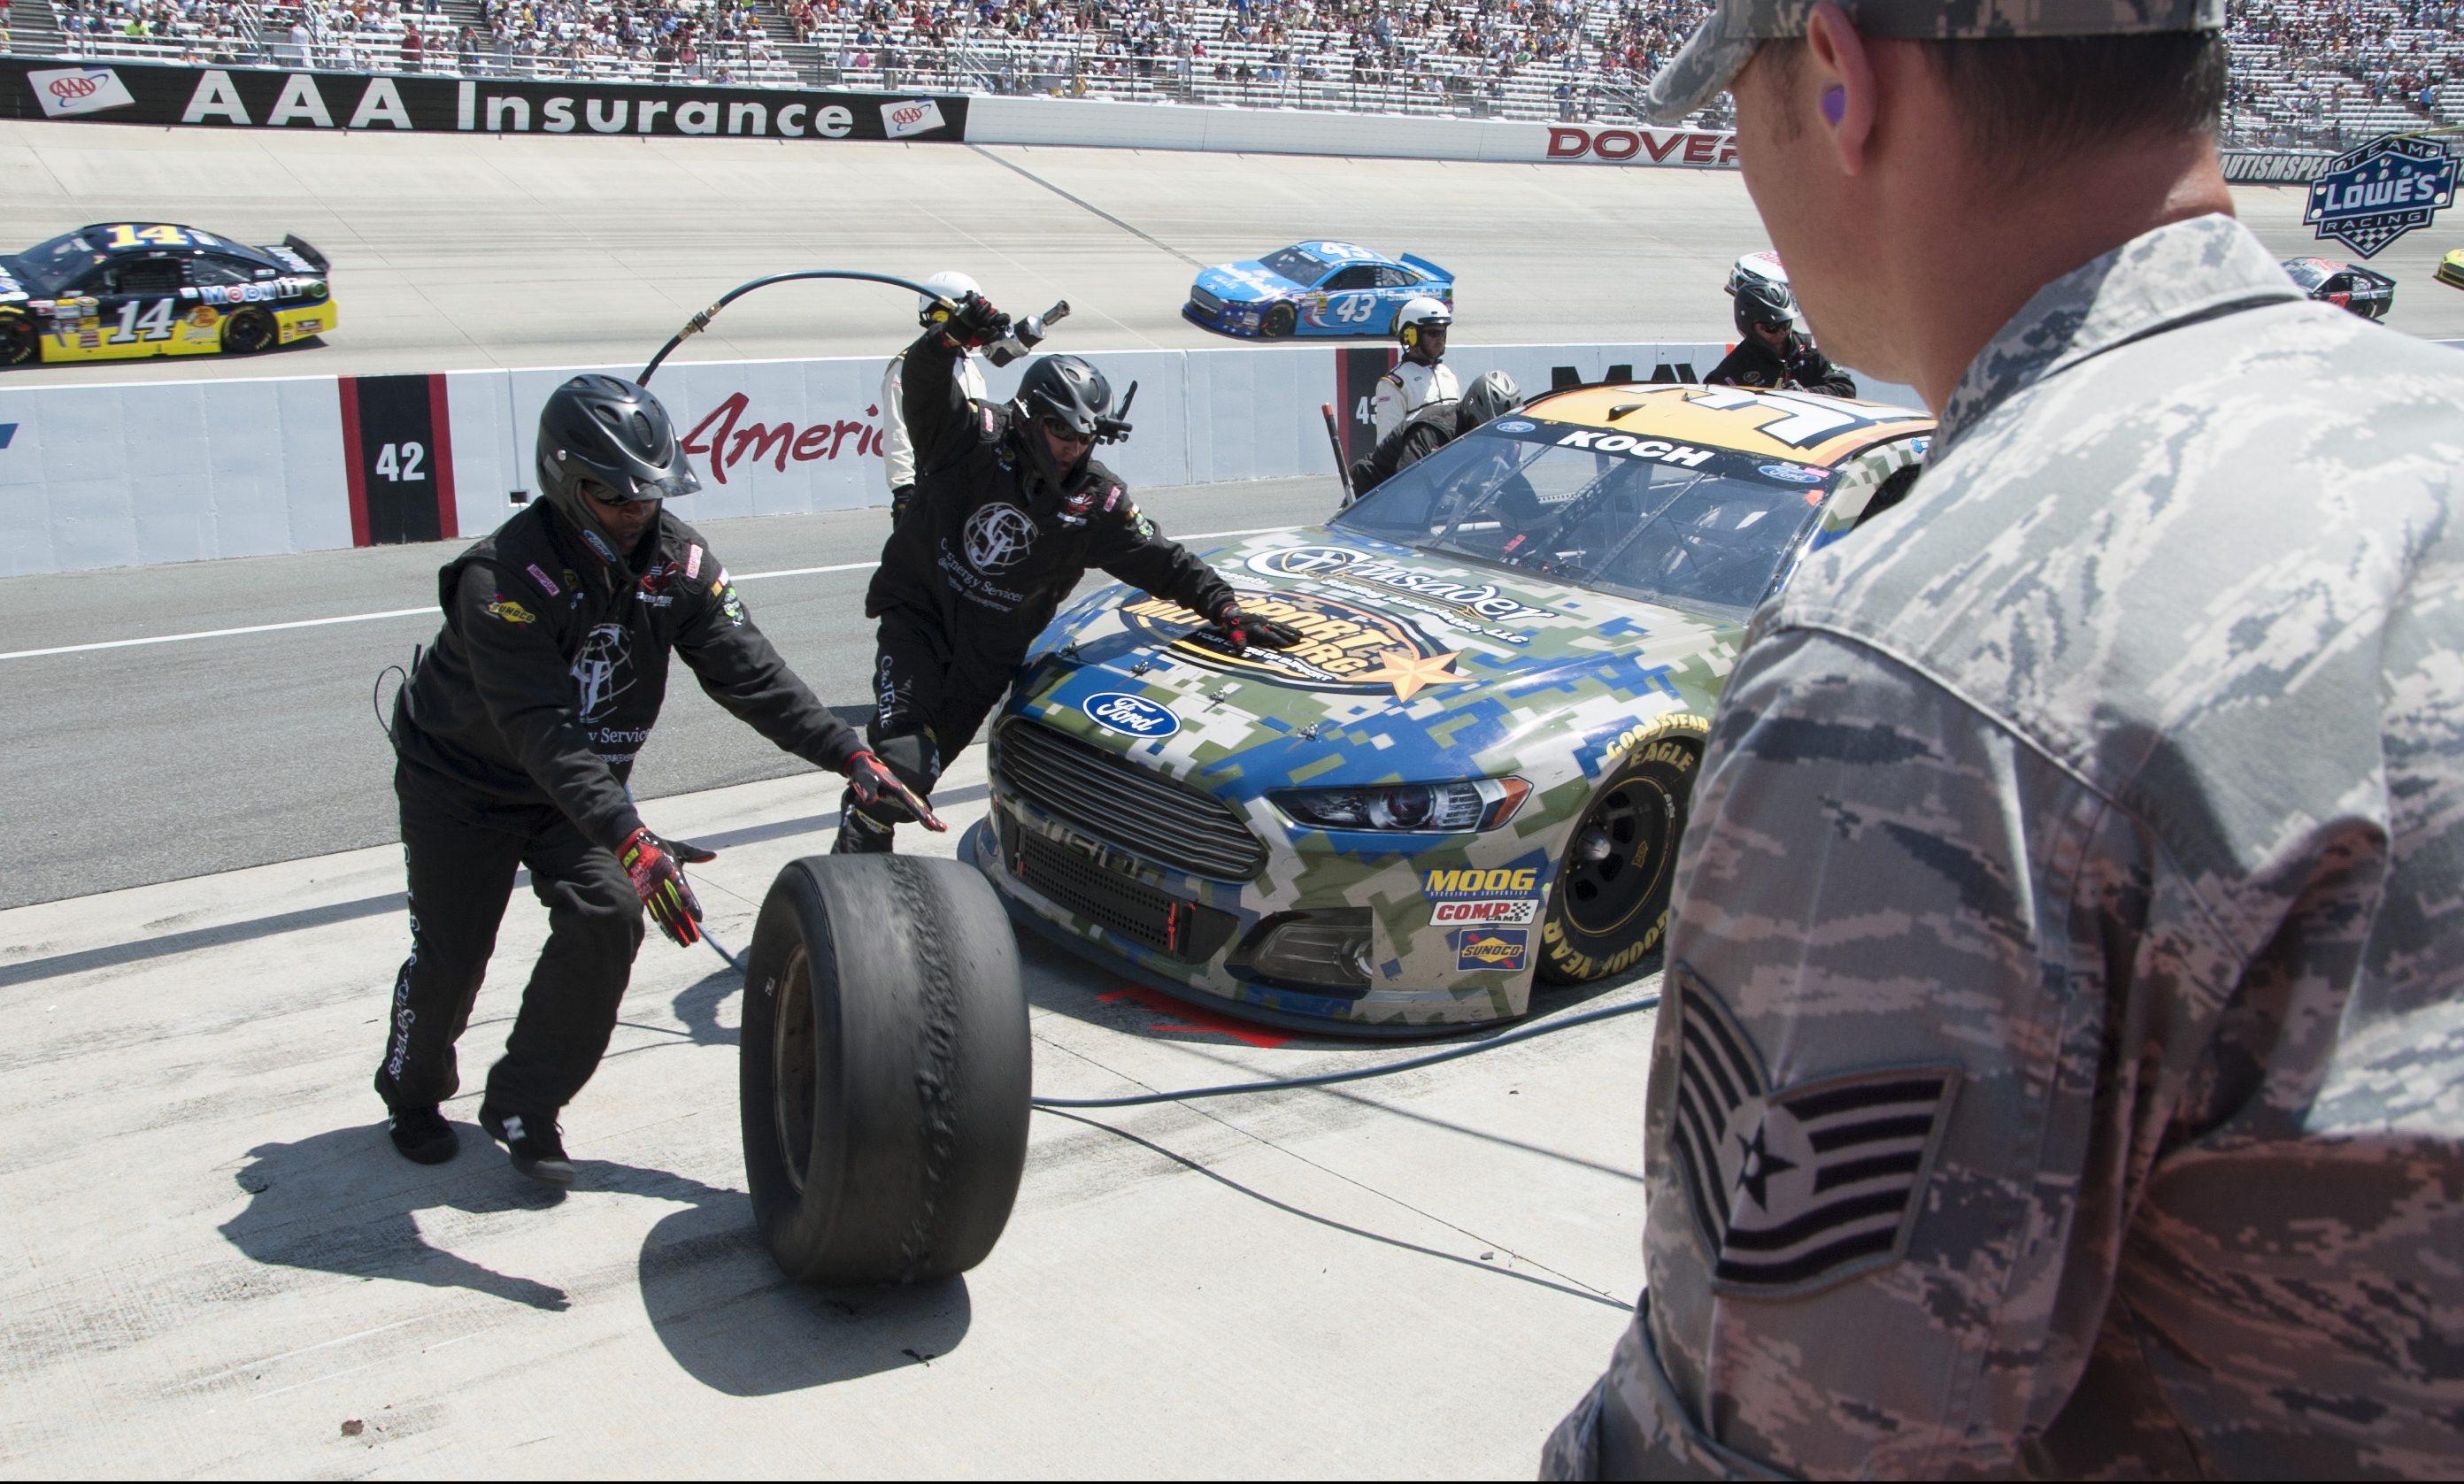 Mechanics service a car at a speedway.